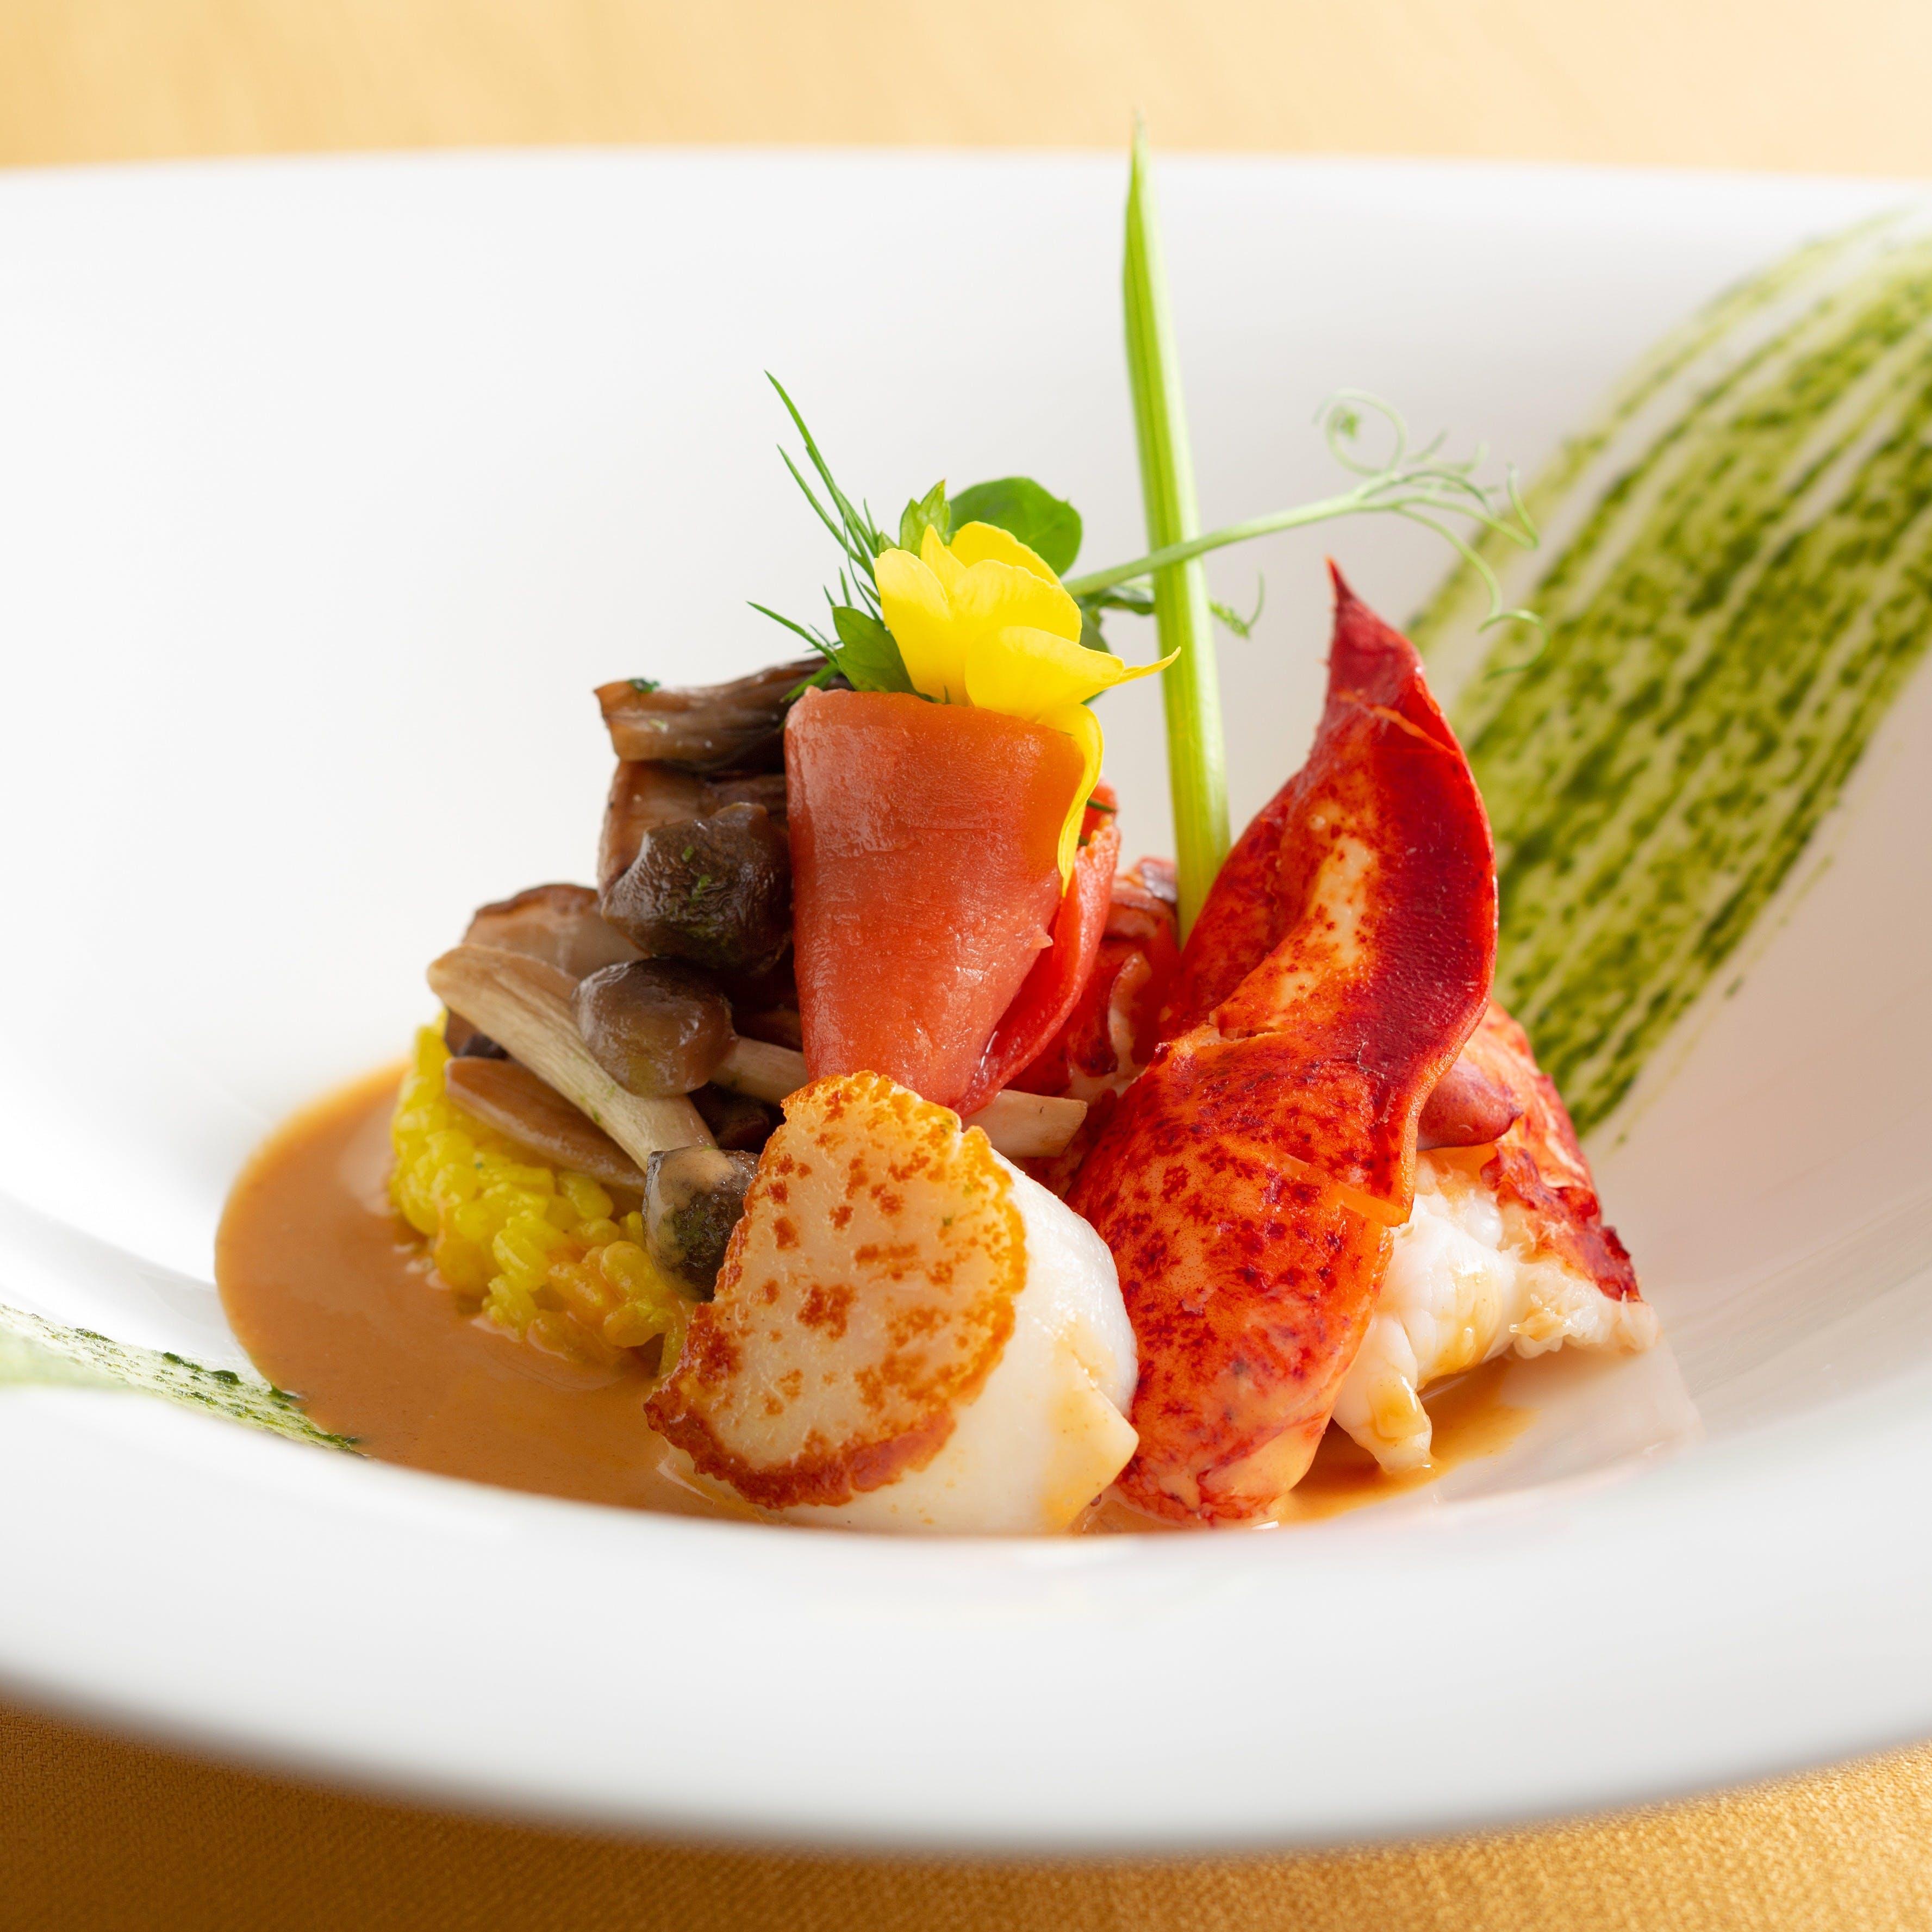 旬素材の持ち味を生かし、ヘルシーで美しいお料理の数々